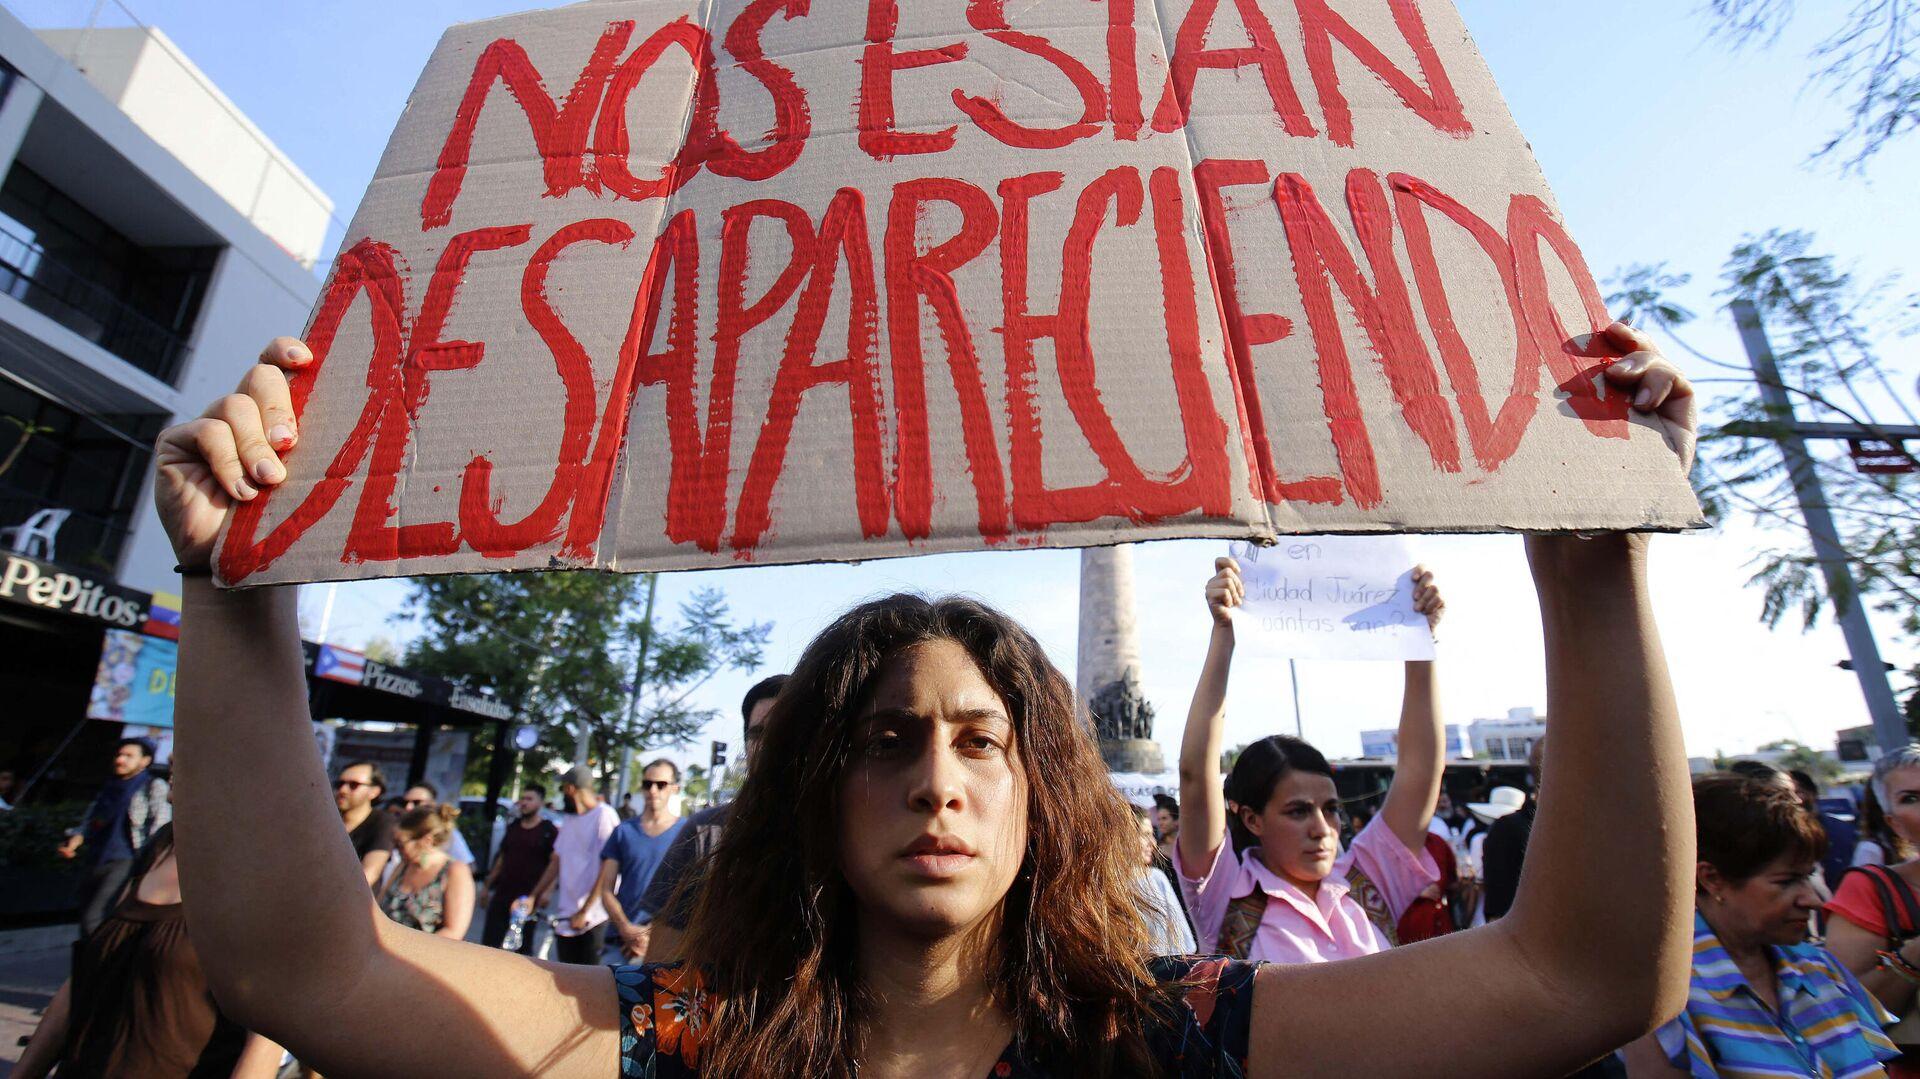 Protesta estudiantil en Guadalajara, Jalisco, contra la violencia y las desapariciones de personas en México - Sputnik Mundo, 1920, 26.08.2021